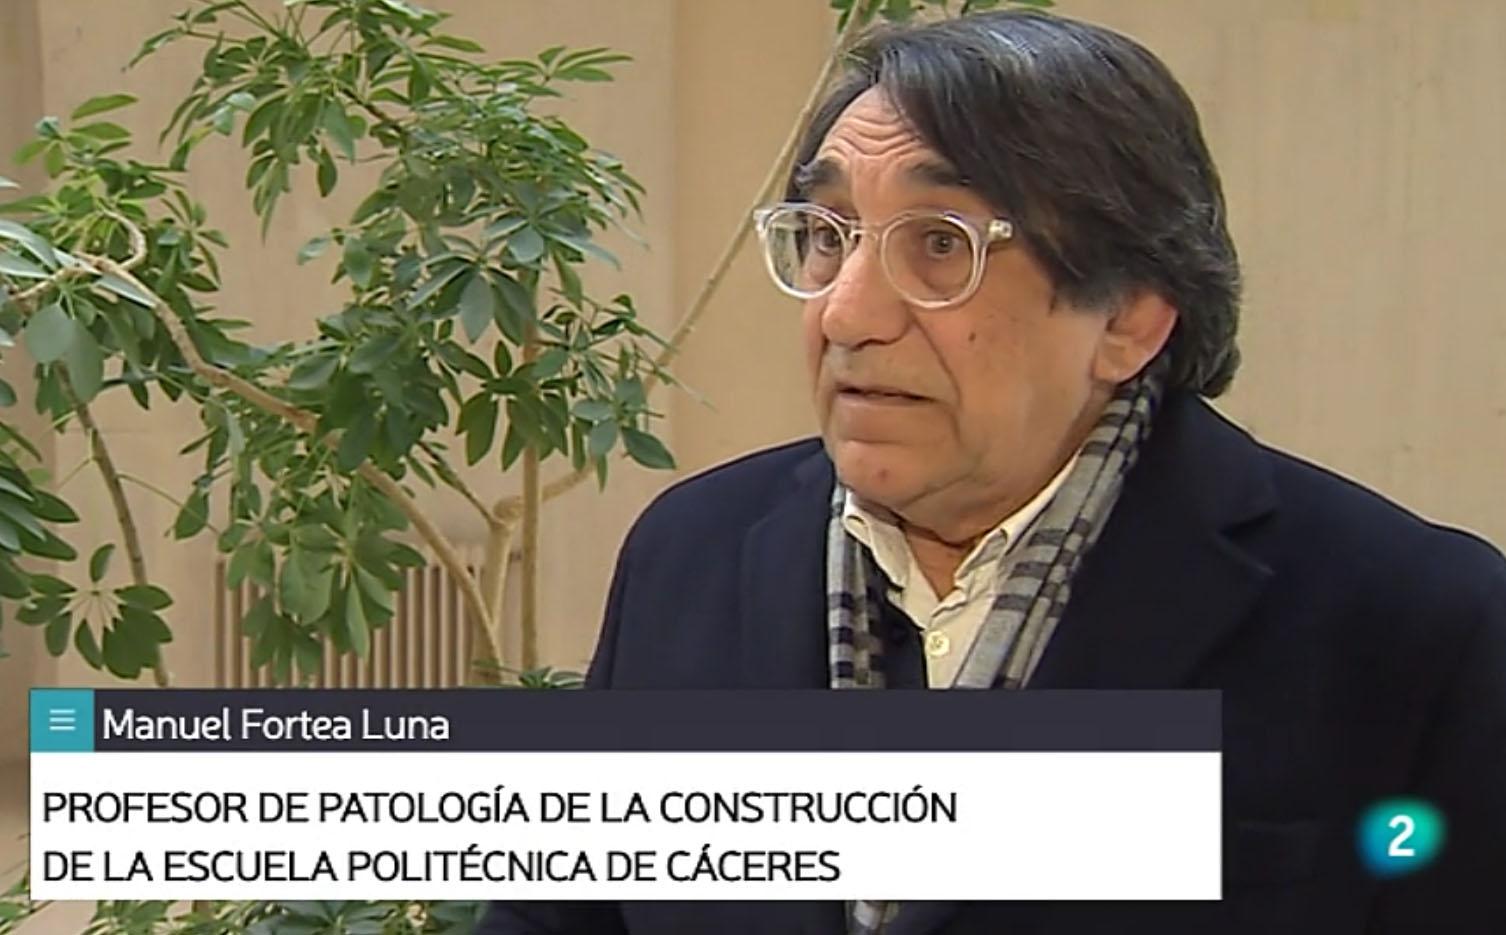 TVE-2: EL ORIGEN DE LA BÓVEDA TABICADA